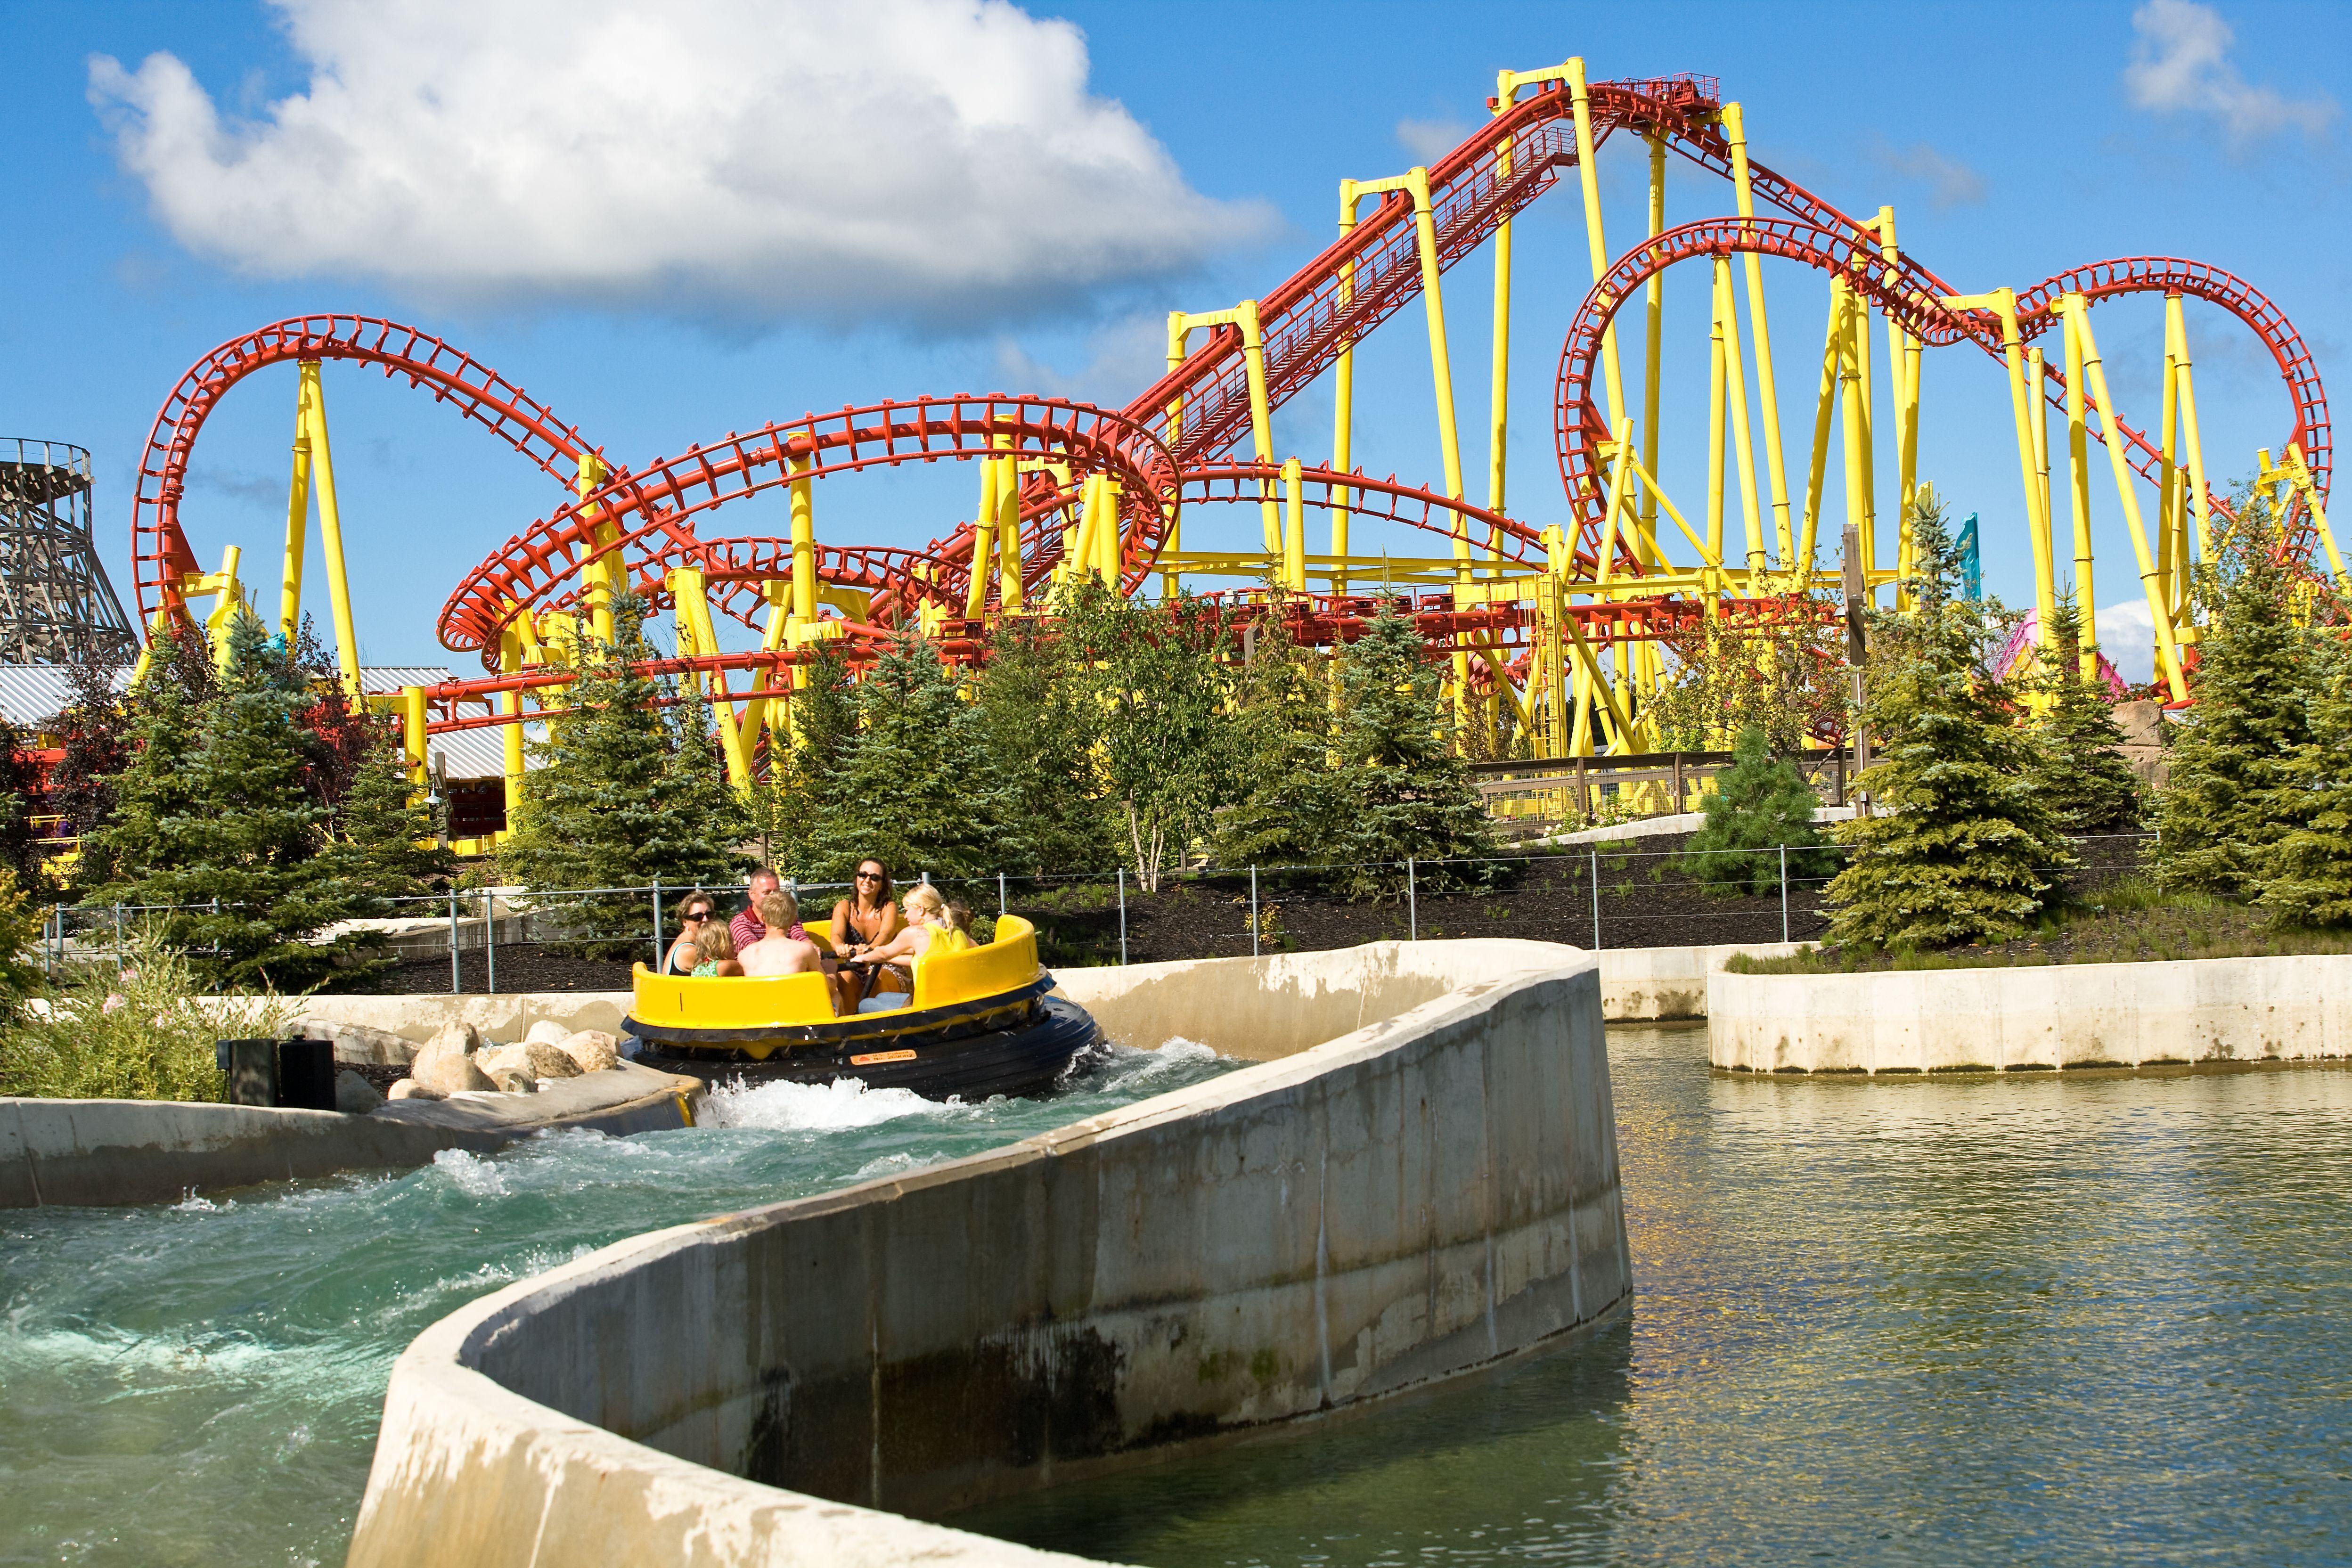 Amusement Parks Near Me - The Best Amusement Parks in the US